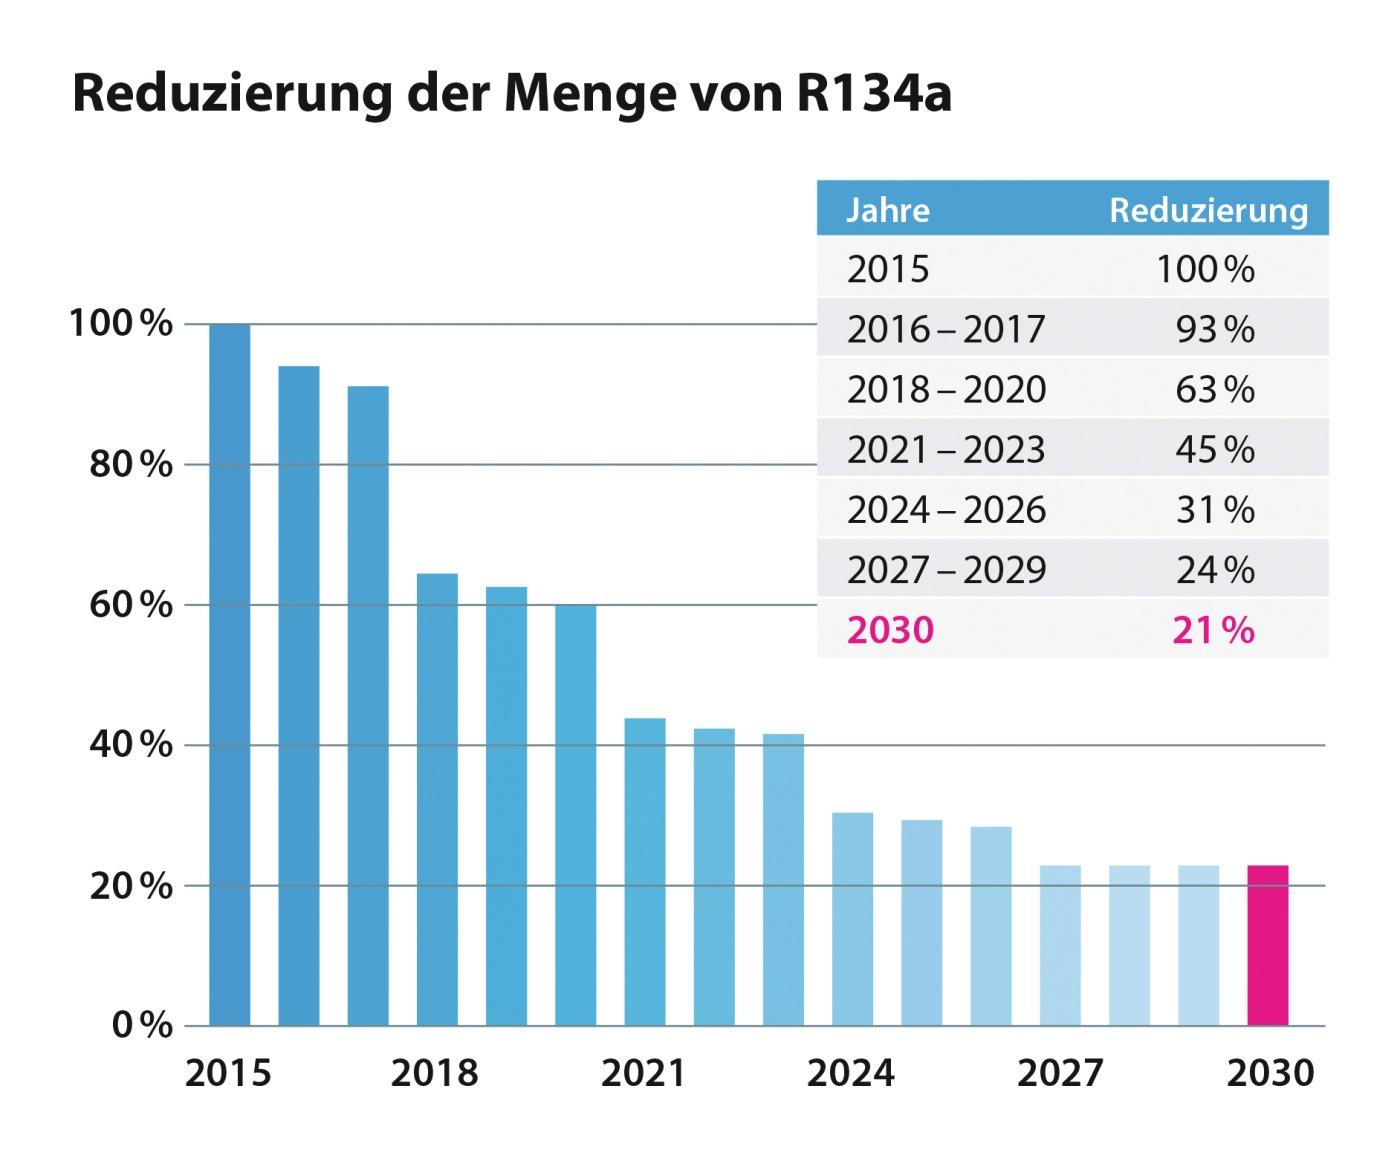 Säulendiagramm zur Reduzierung der Menge von R134a